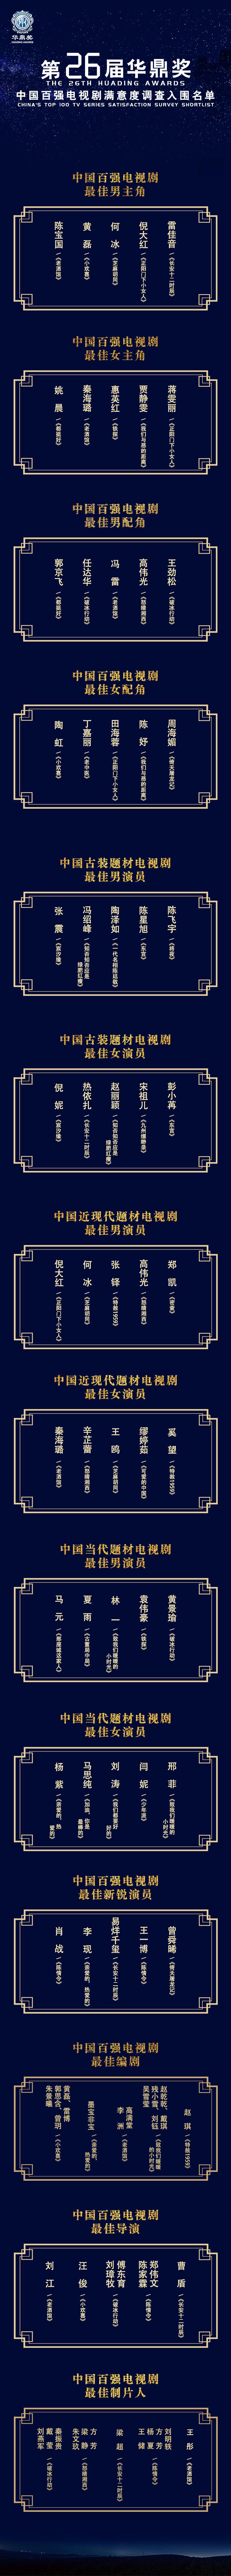 【蜗牛棋牌】第26届华鼎奖提名名单出炉,百舸争流,谁能笑傲群雄?